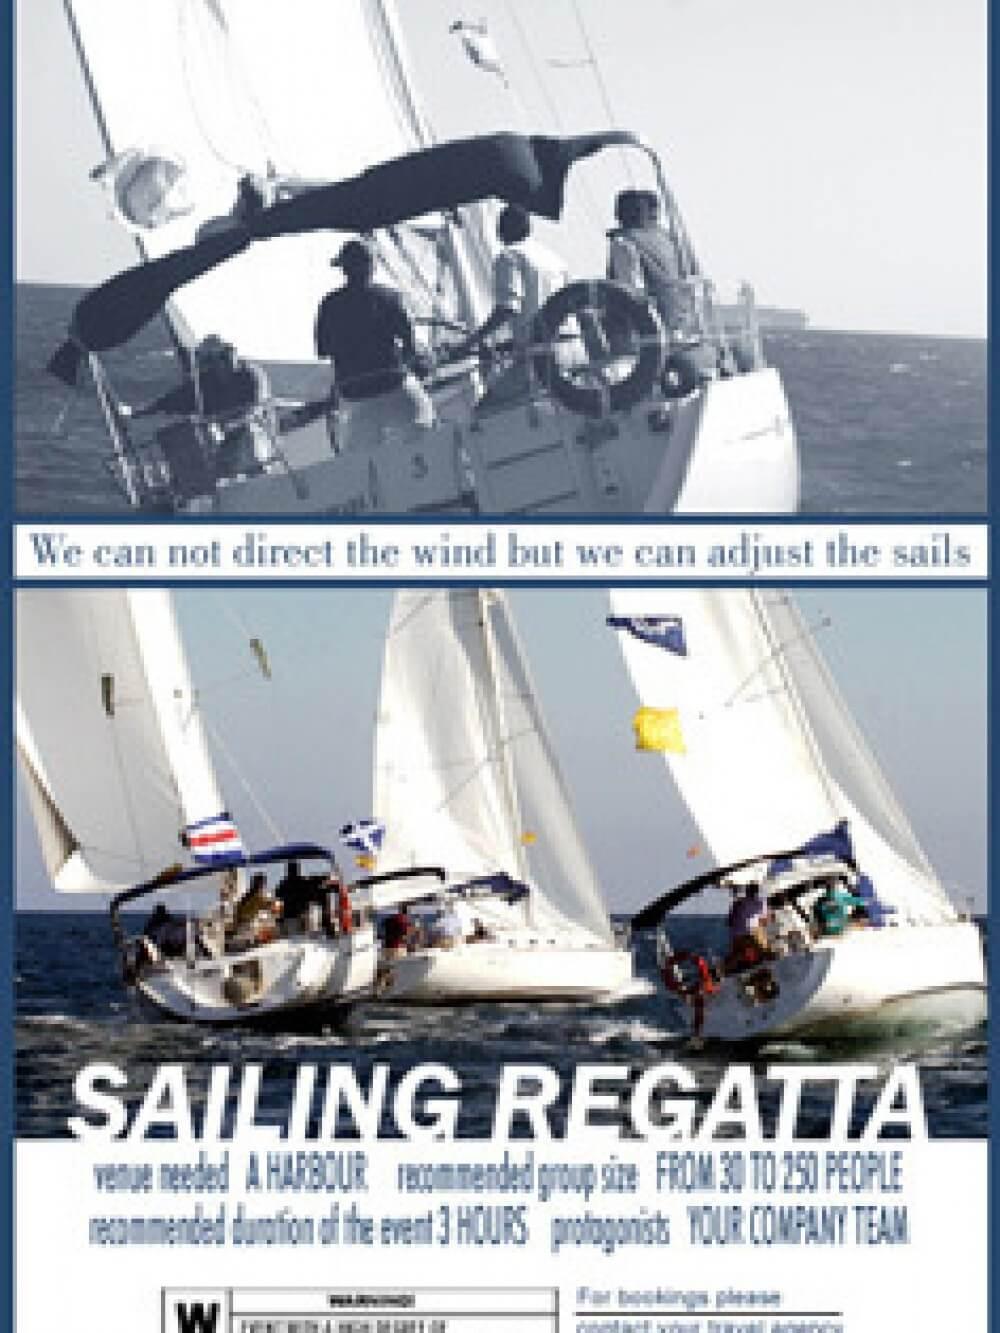 sailing_regatta_vertical_web